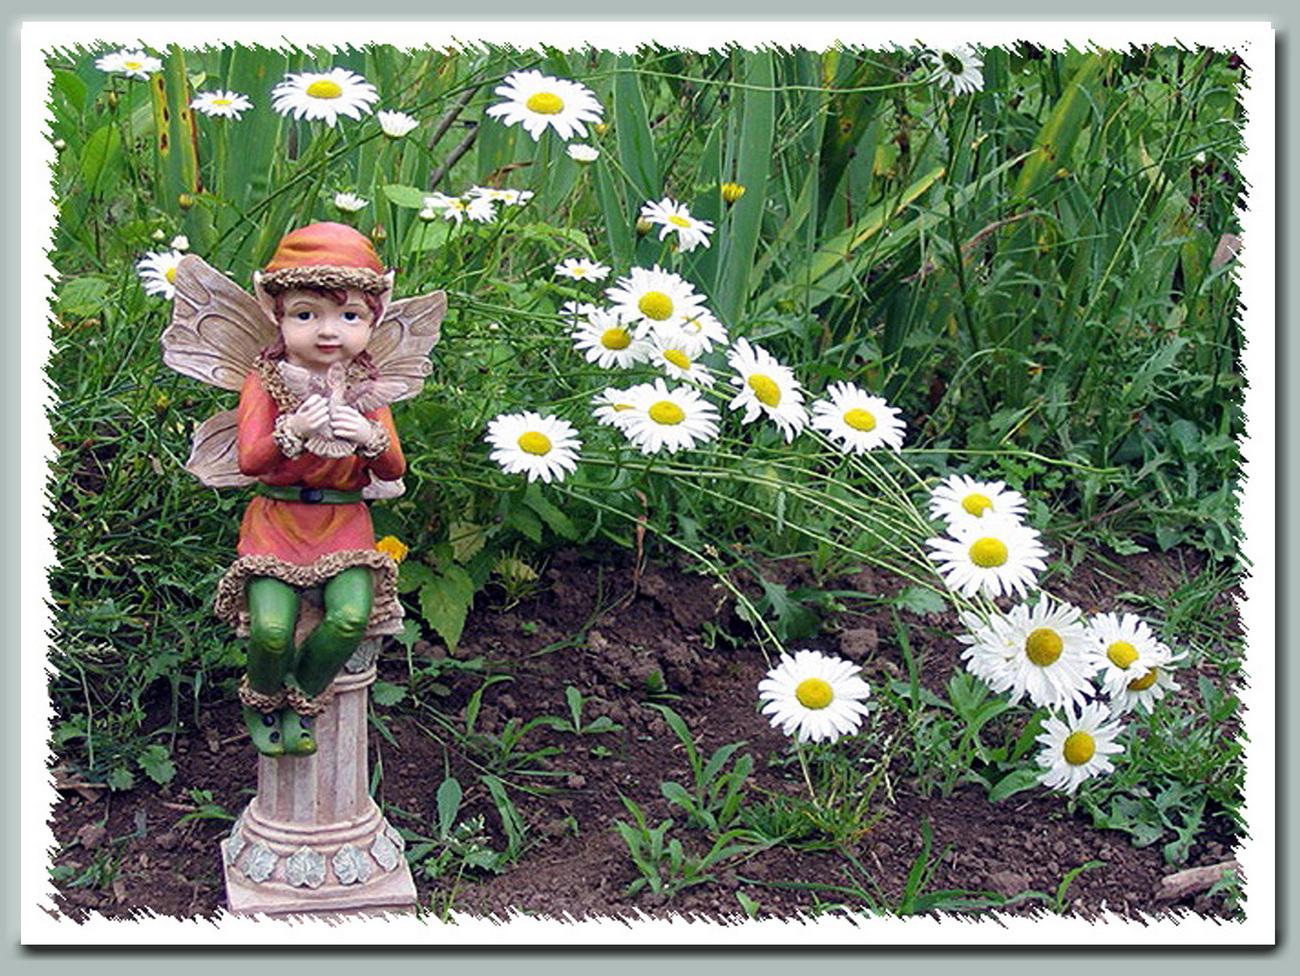 Garden fairy collection a   1